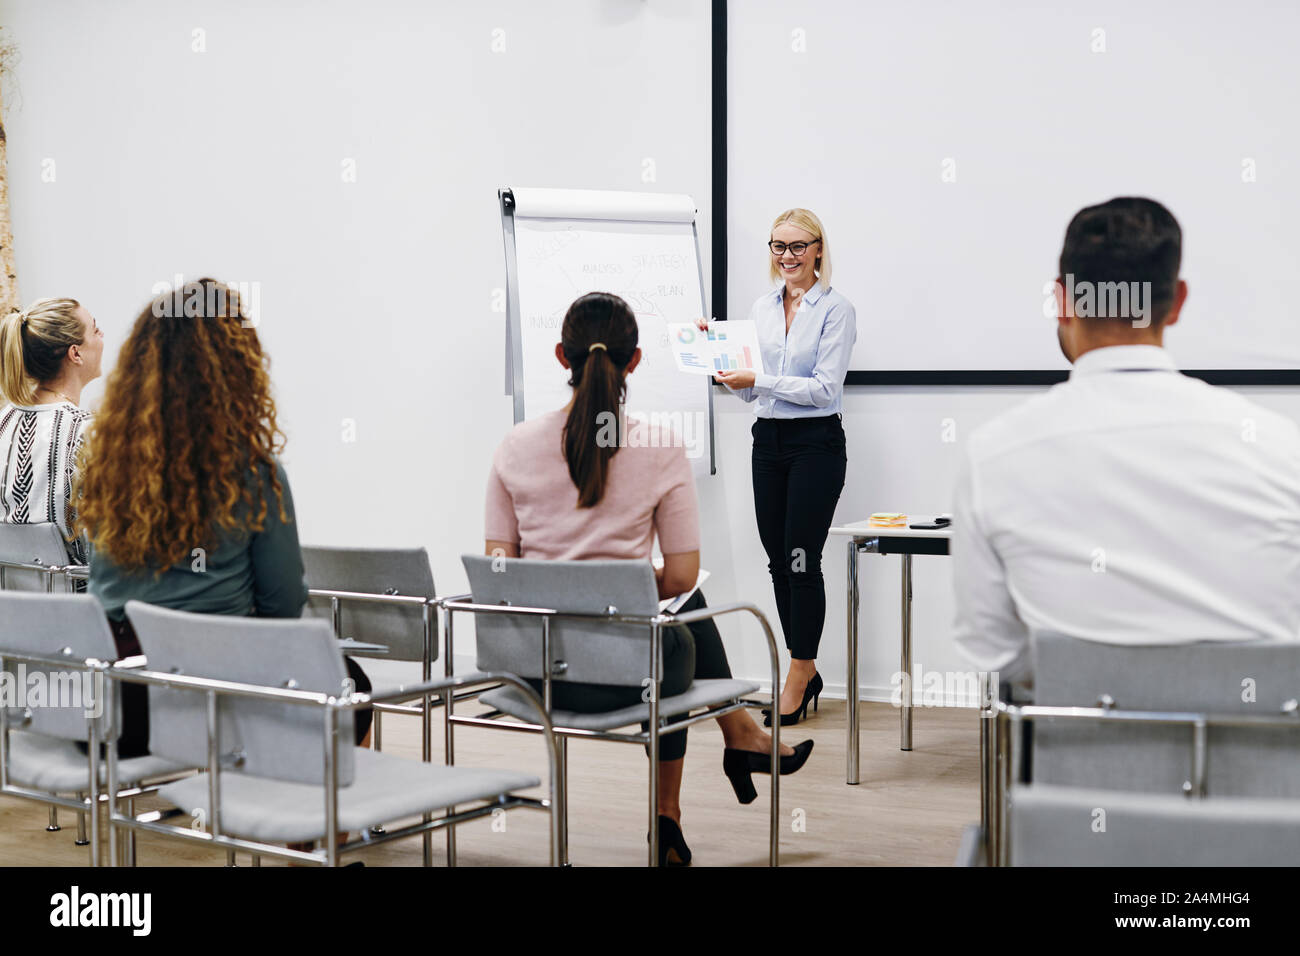 Smiling manager passe plus de graphiques et tableaux au cours d'une présentation au personnel dans une salle de réunion dans un bureau Banque D'Images